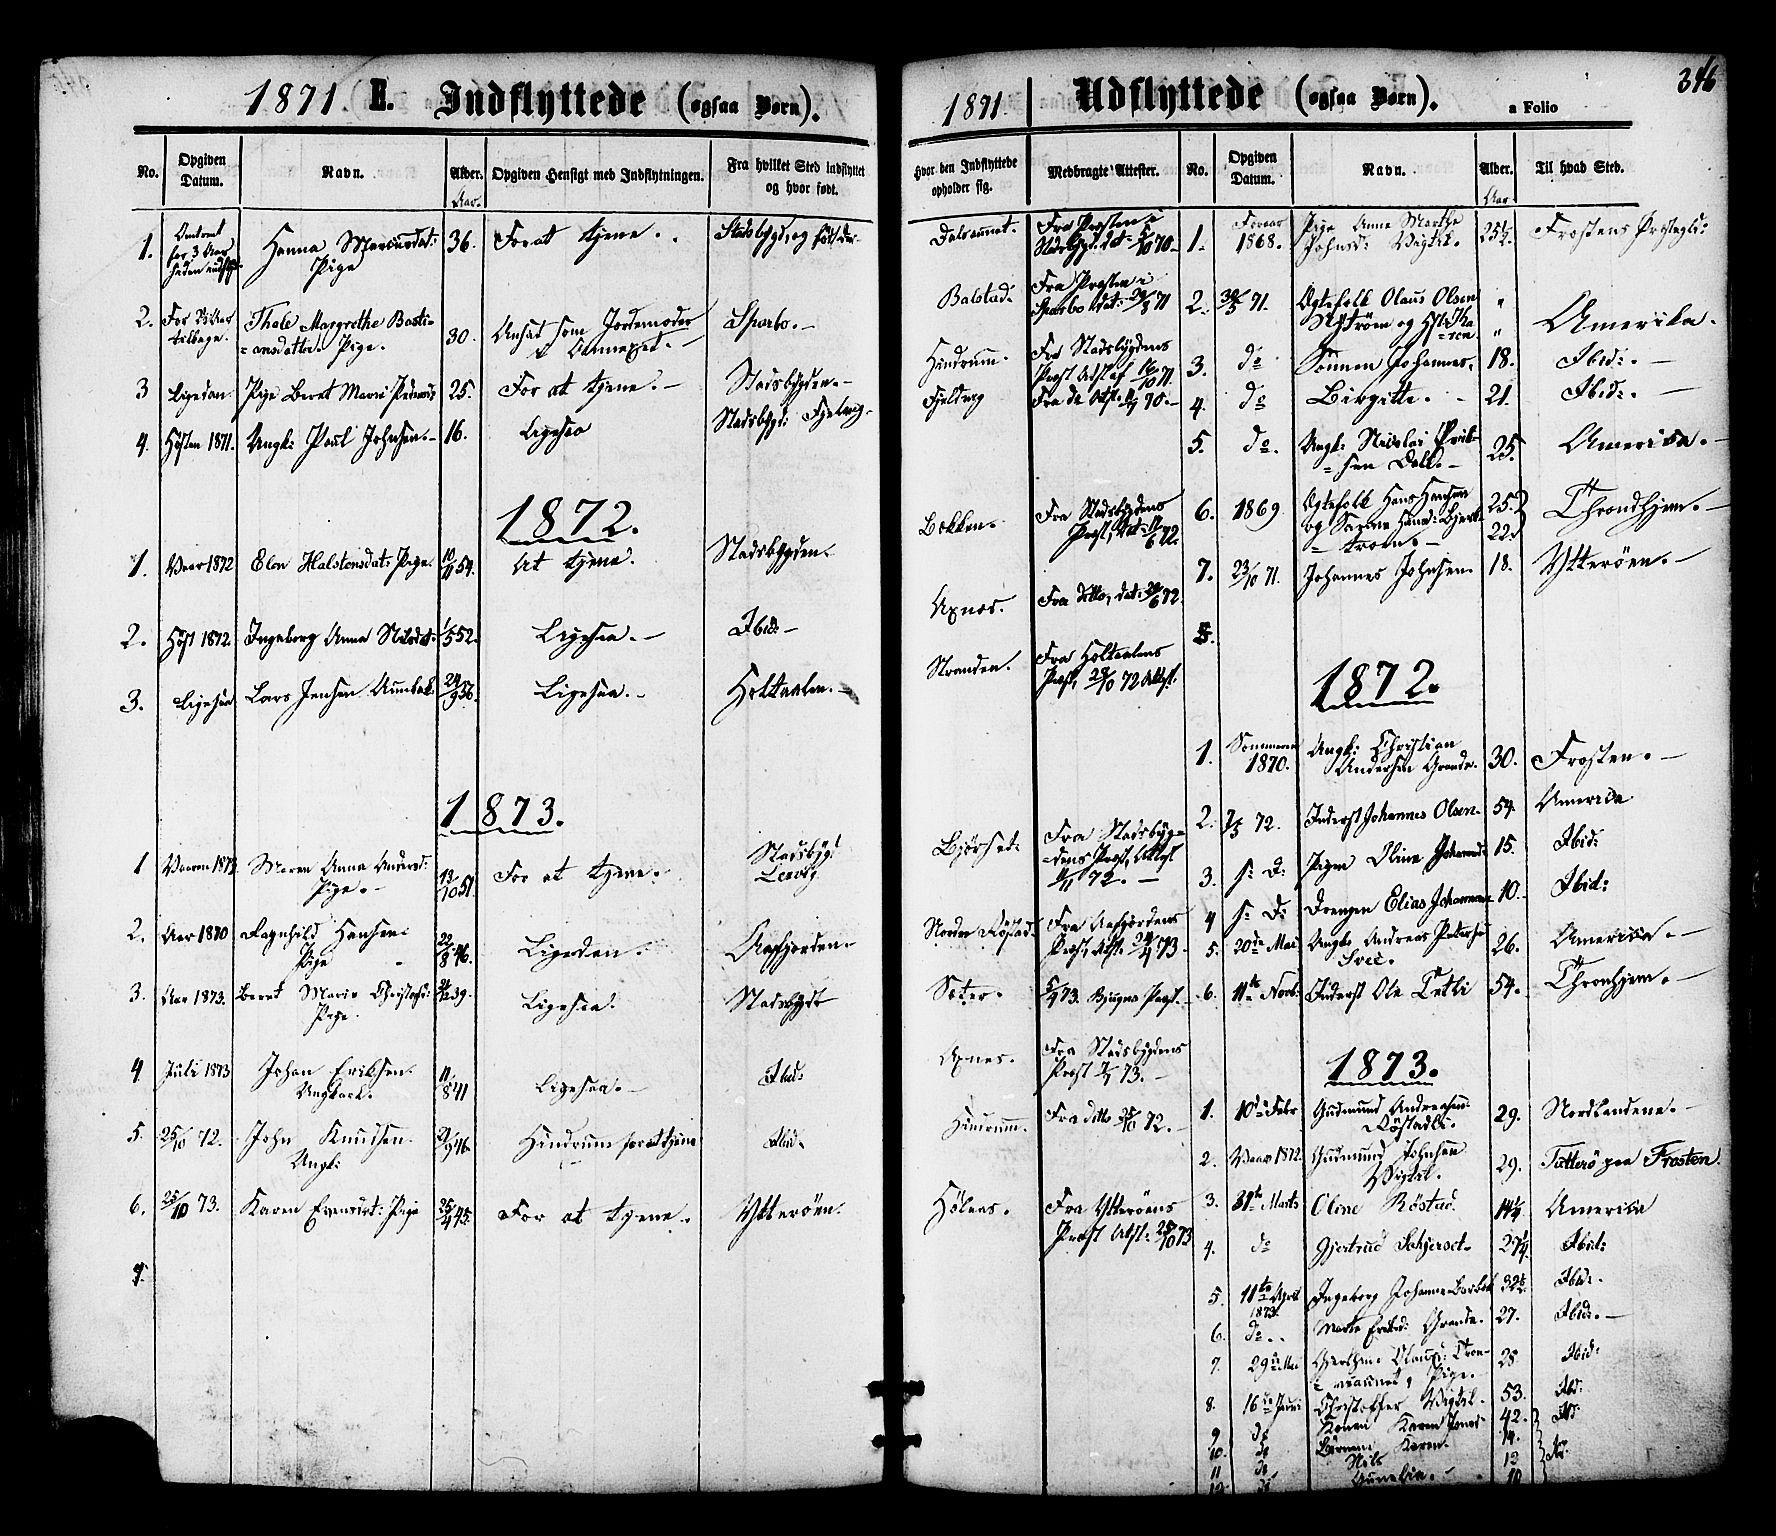 SAT, Ministerialprotokoller, klokkerbøker og fødselsregistre - Nord-Trøndelag, 701/L0009: Ministerialbok nr. 701A09 /1, 1864-1882, s. 346